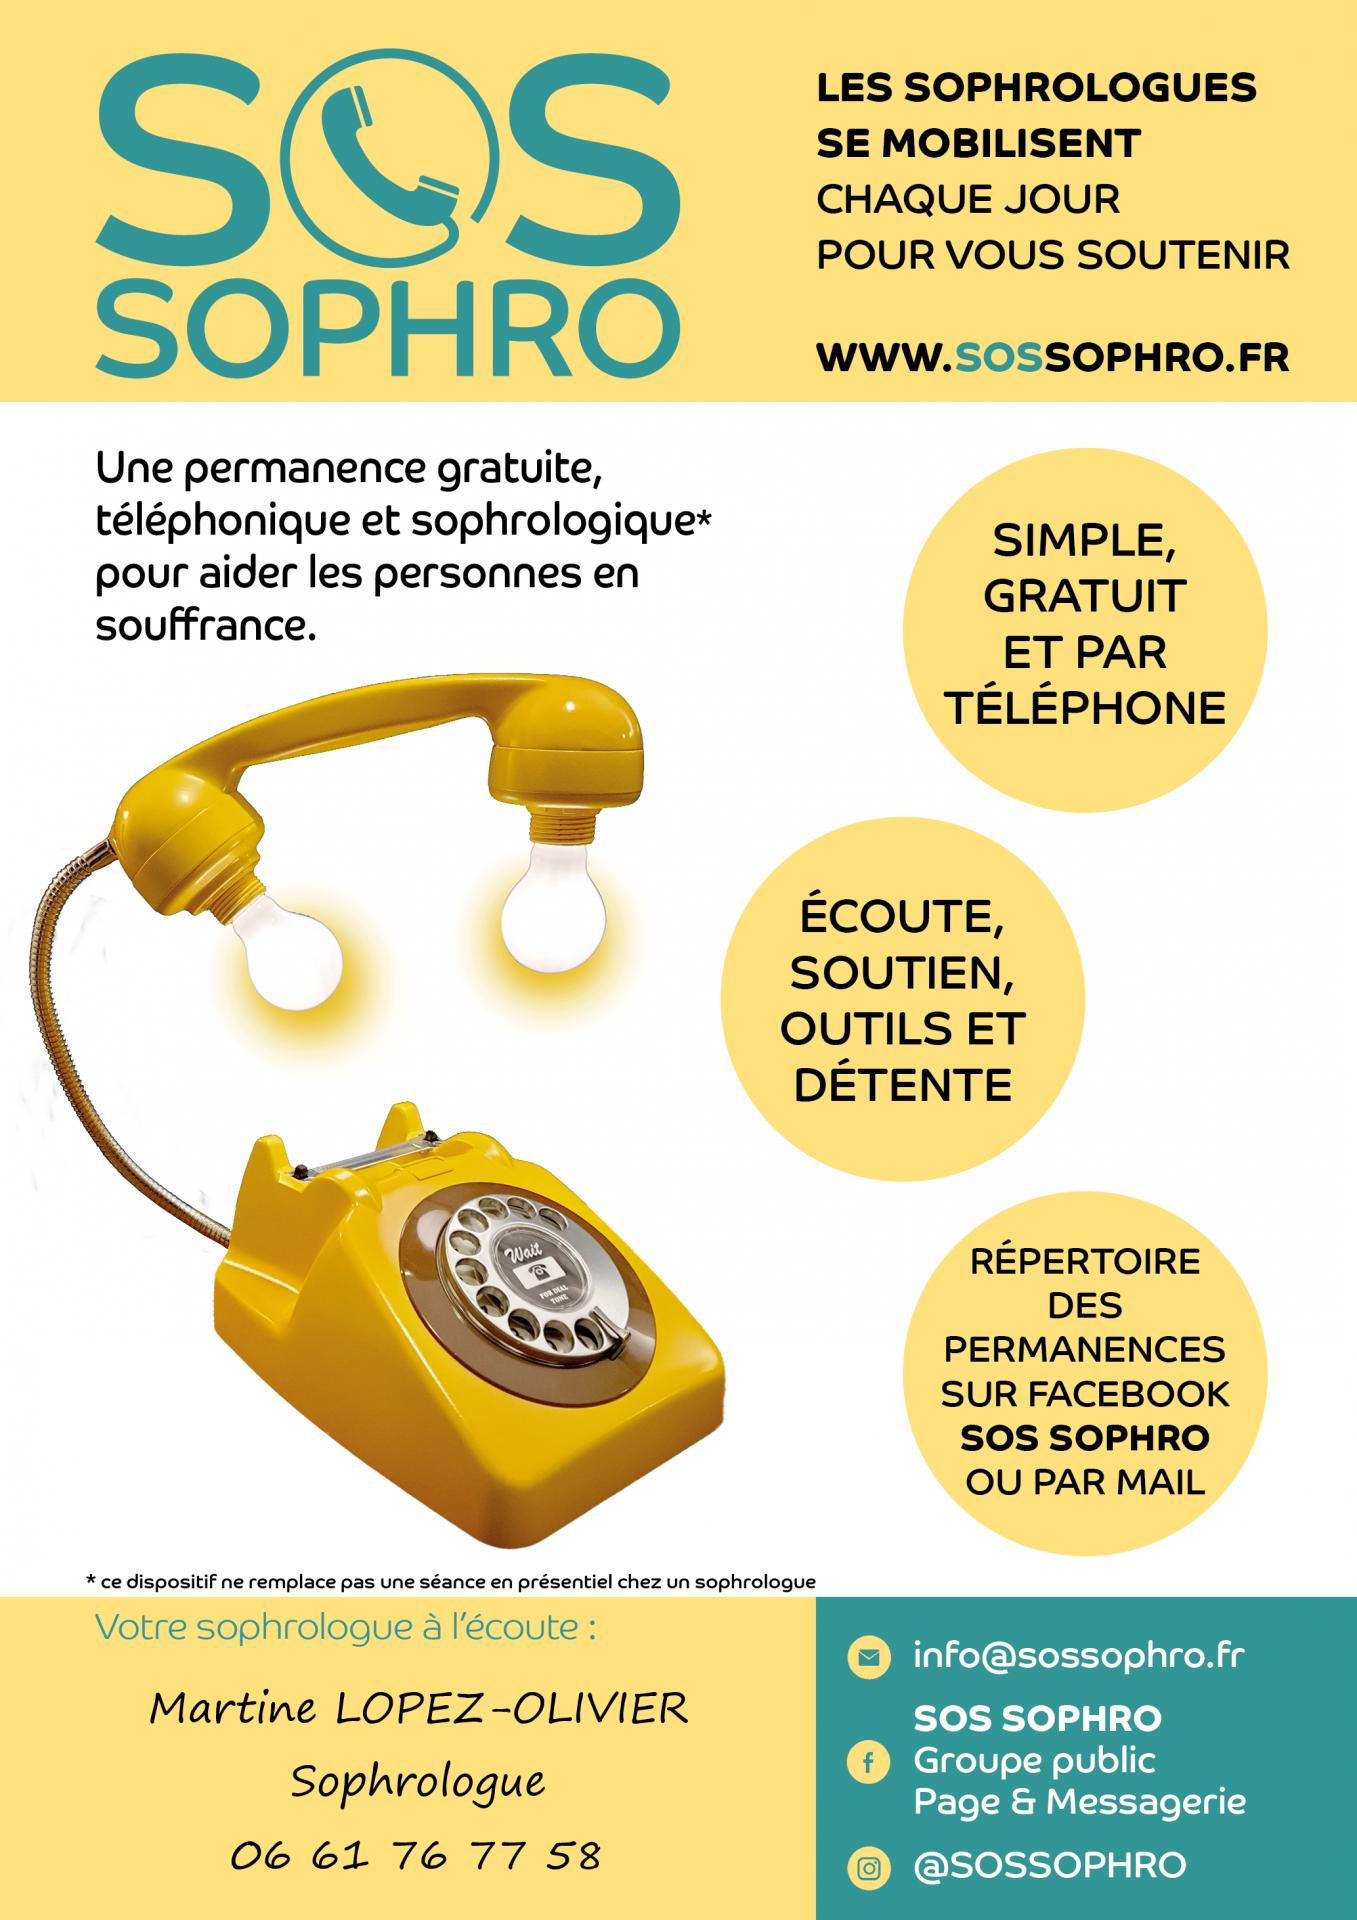 Sossophro flyer 02 1 bis